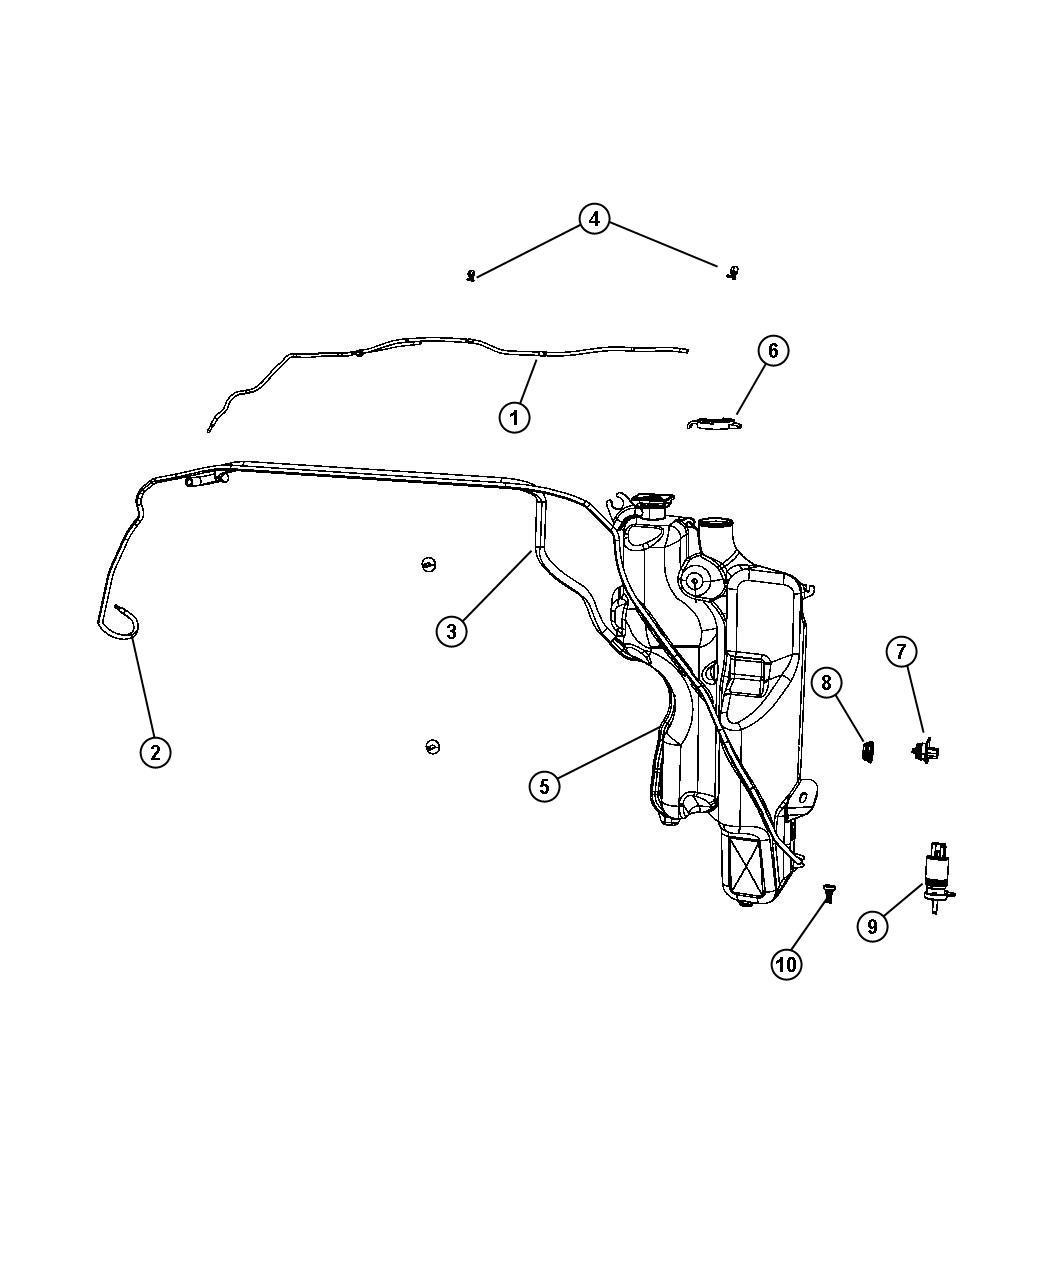 Dodge Ram Nozzle Windshield Washer System